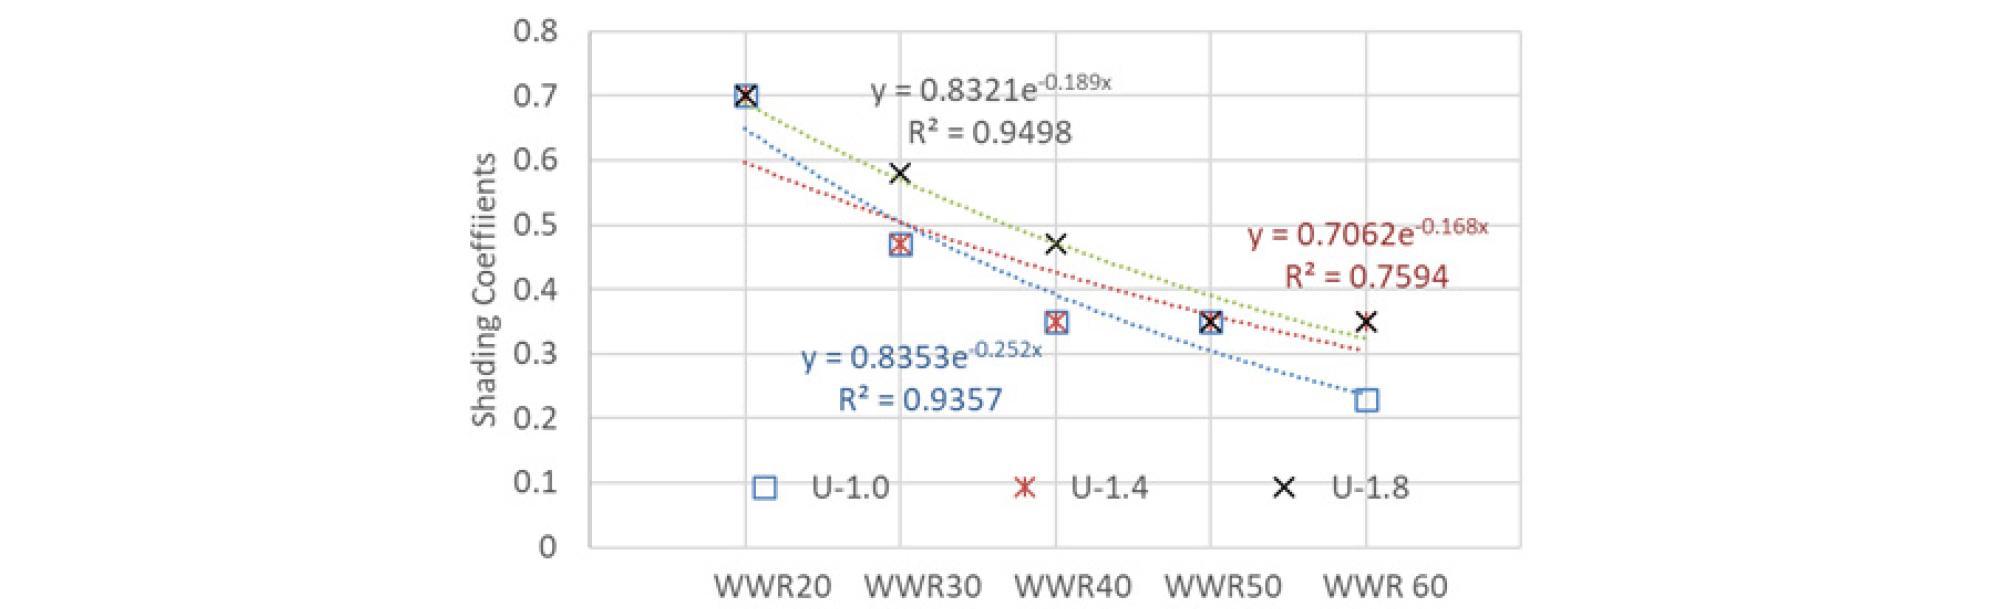 http://static.apub.kr/journalsite/sites/kiaebs/2020-014-04/N0280140402/images/Figure_KIAEBS_14_4_02_F6.jpg